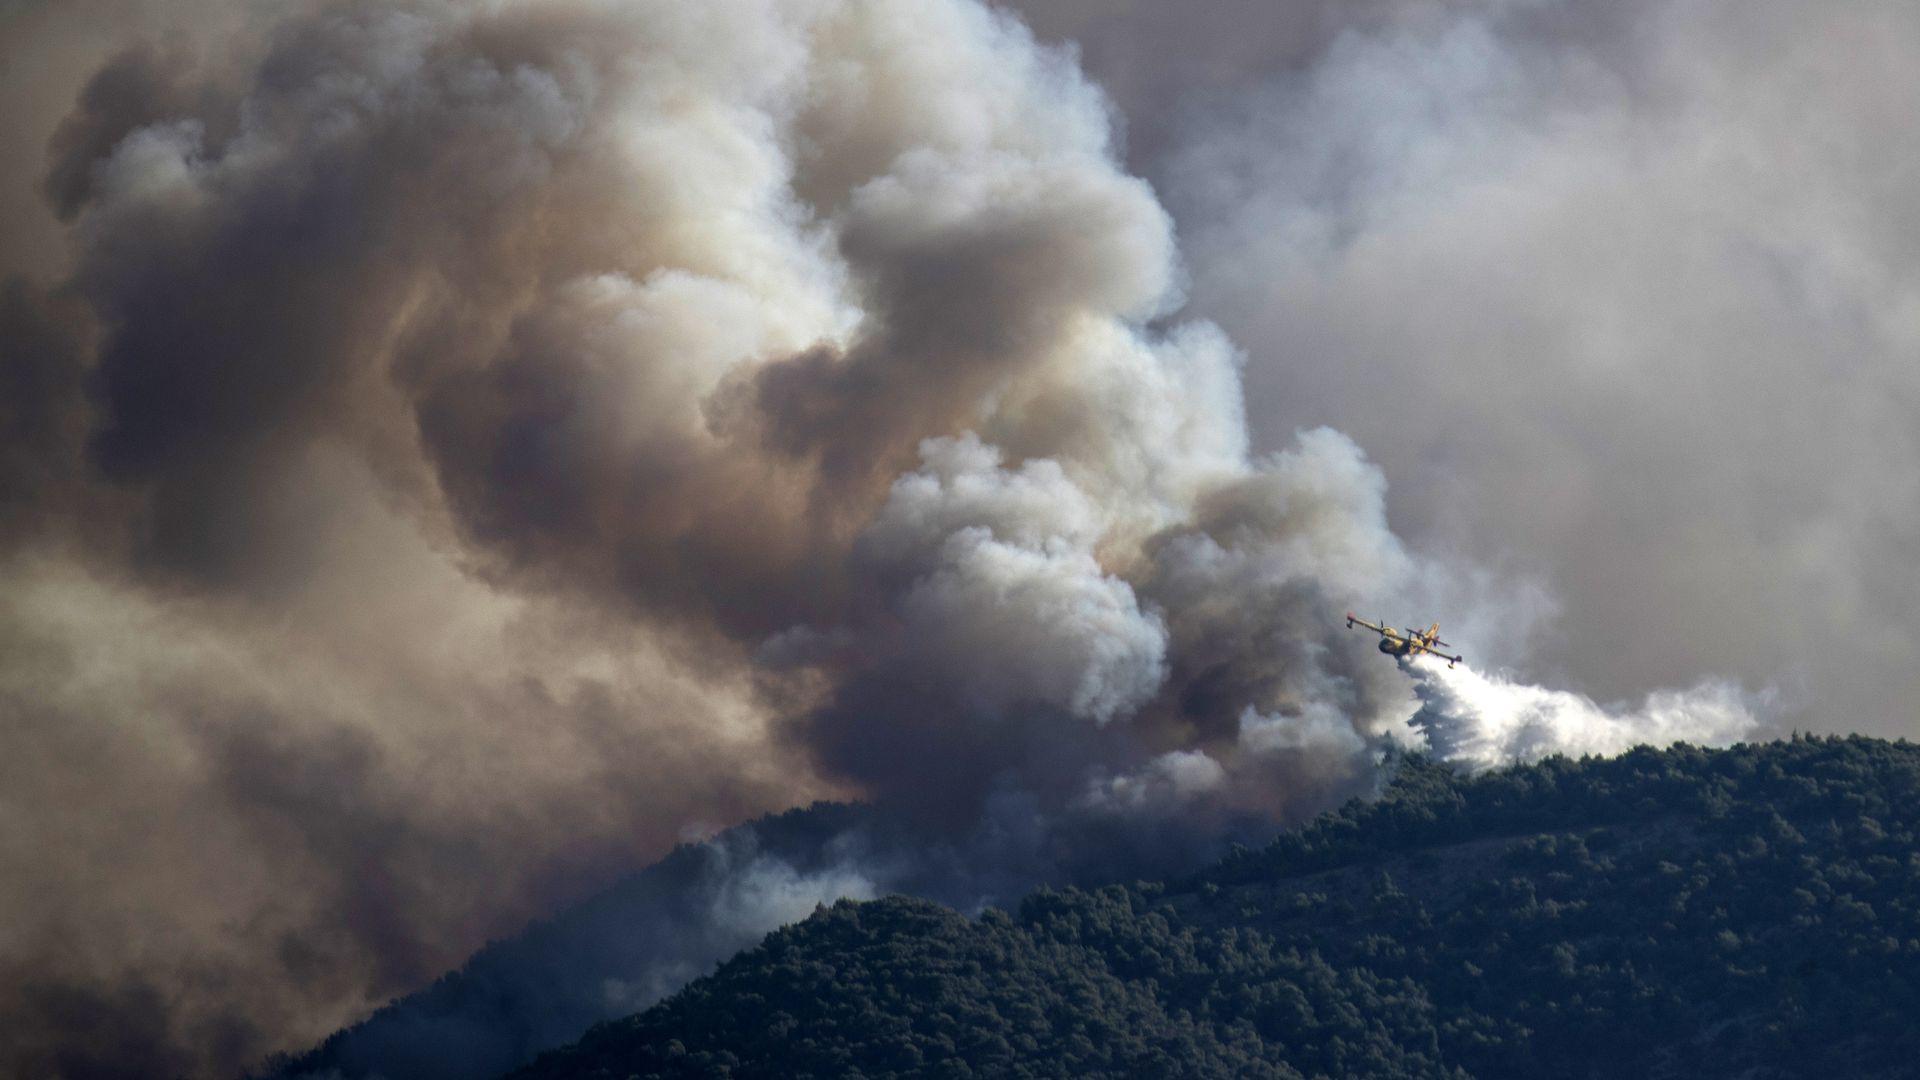 Kreekas puhkes Kórinthose lähistel metsatulekahju